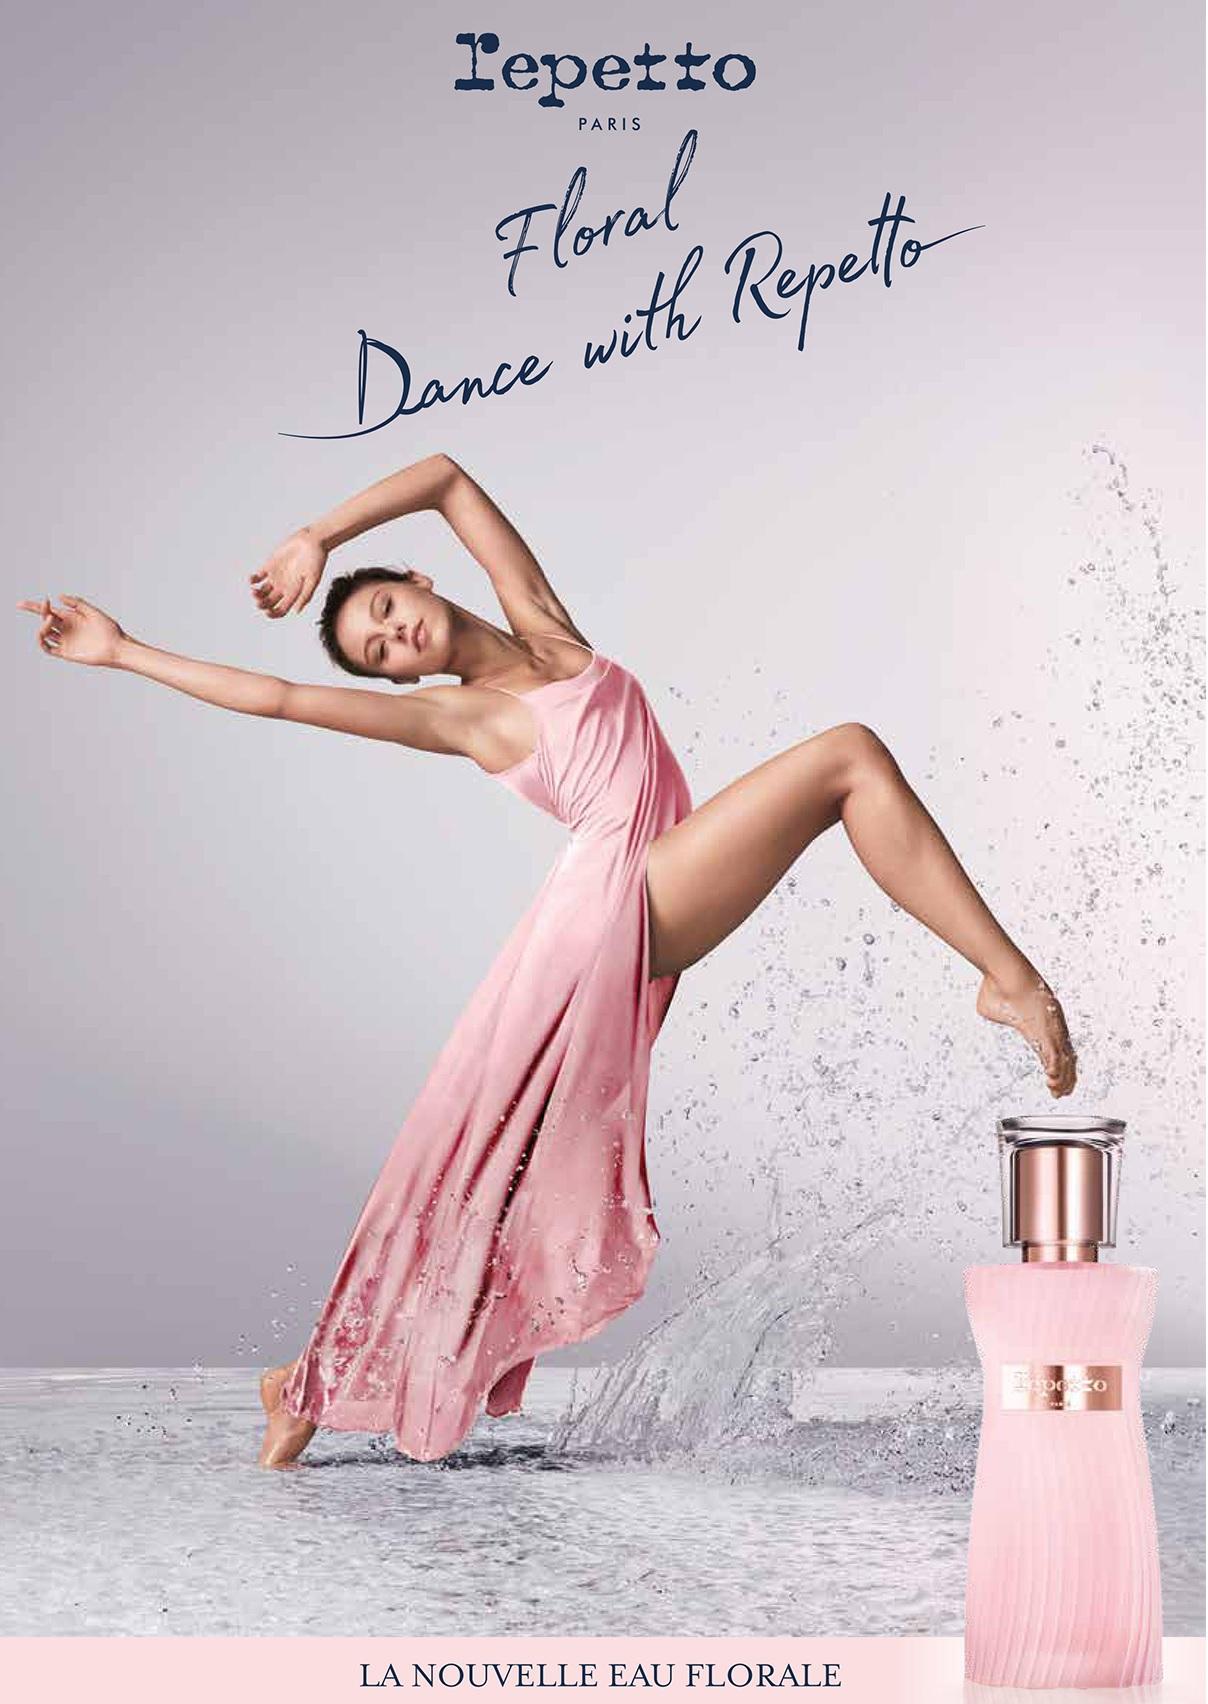 Dance Nouveau With Parfum Florale Pour Un Repetto Yv7ybf6gI